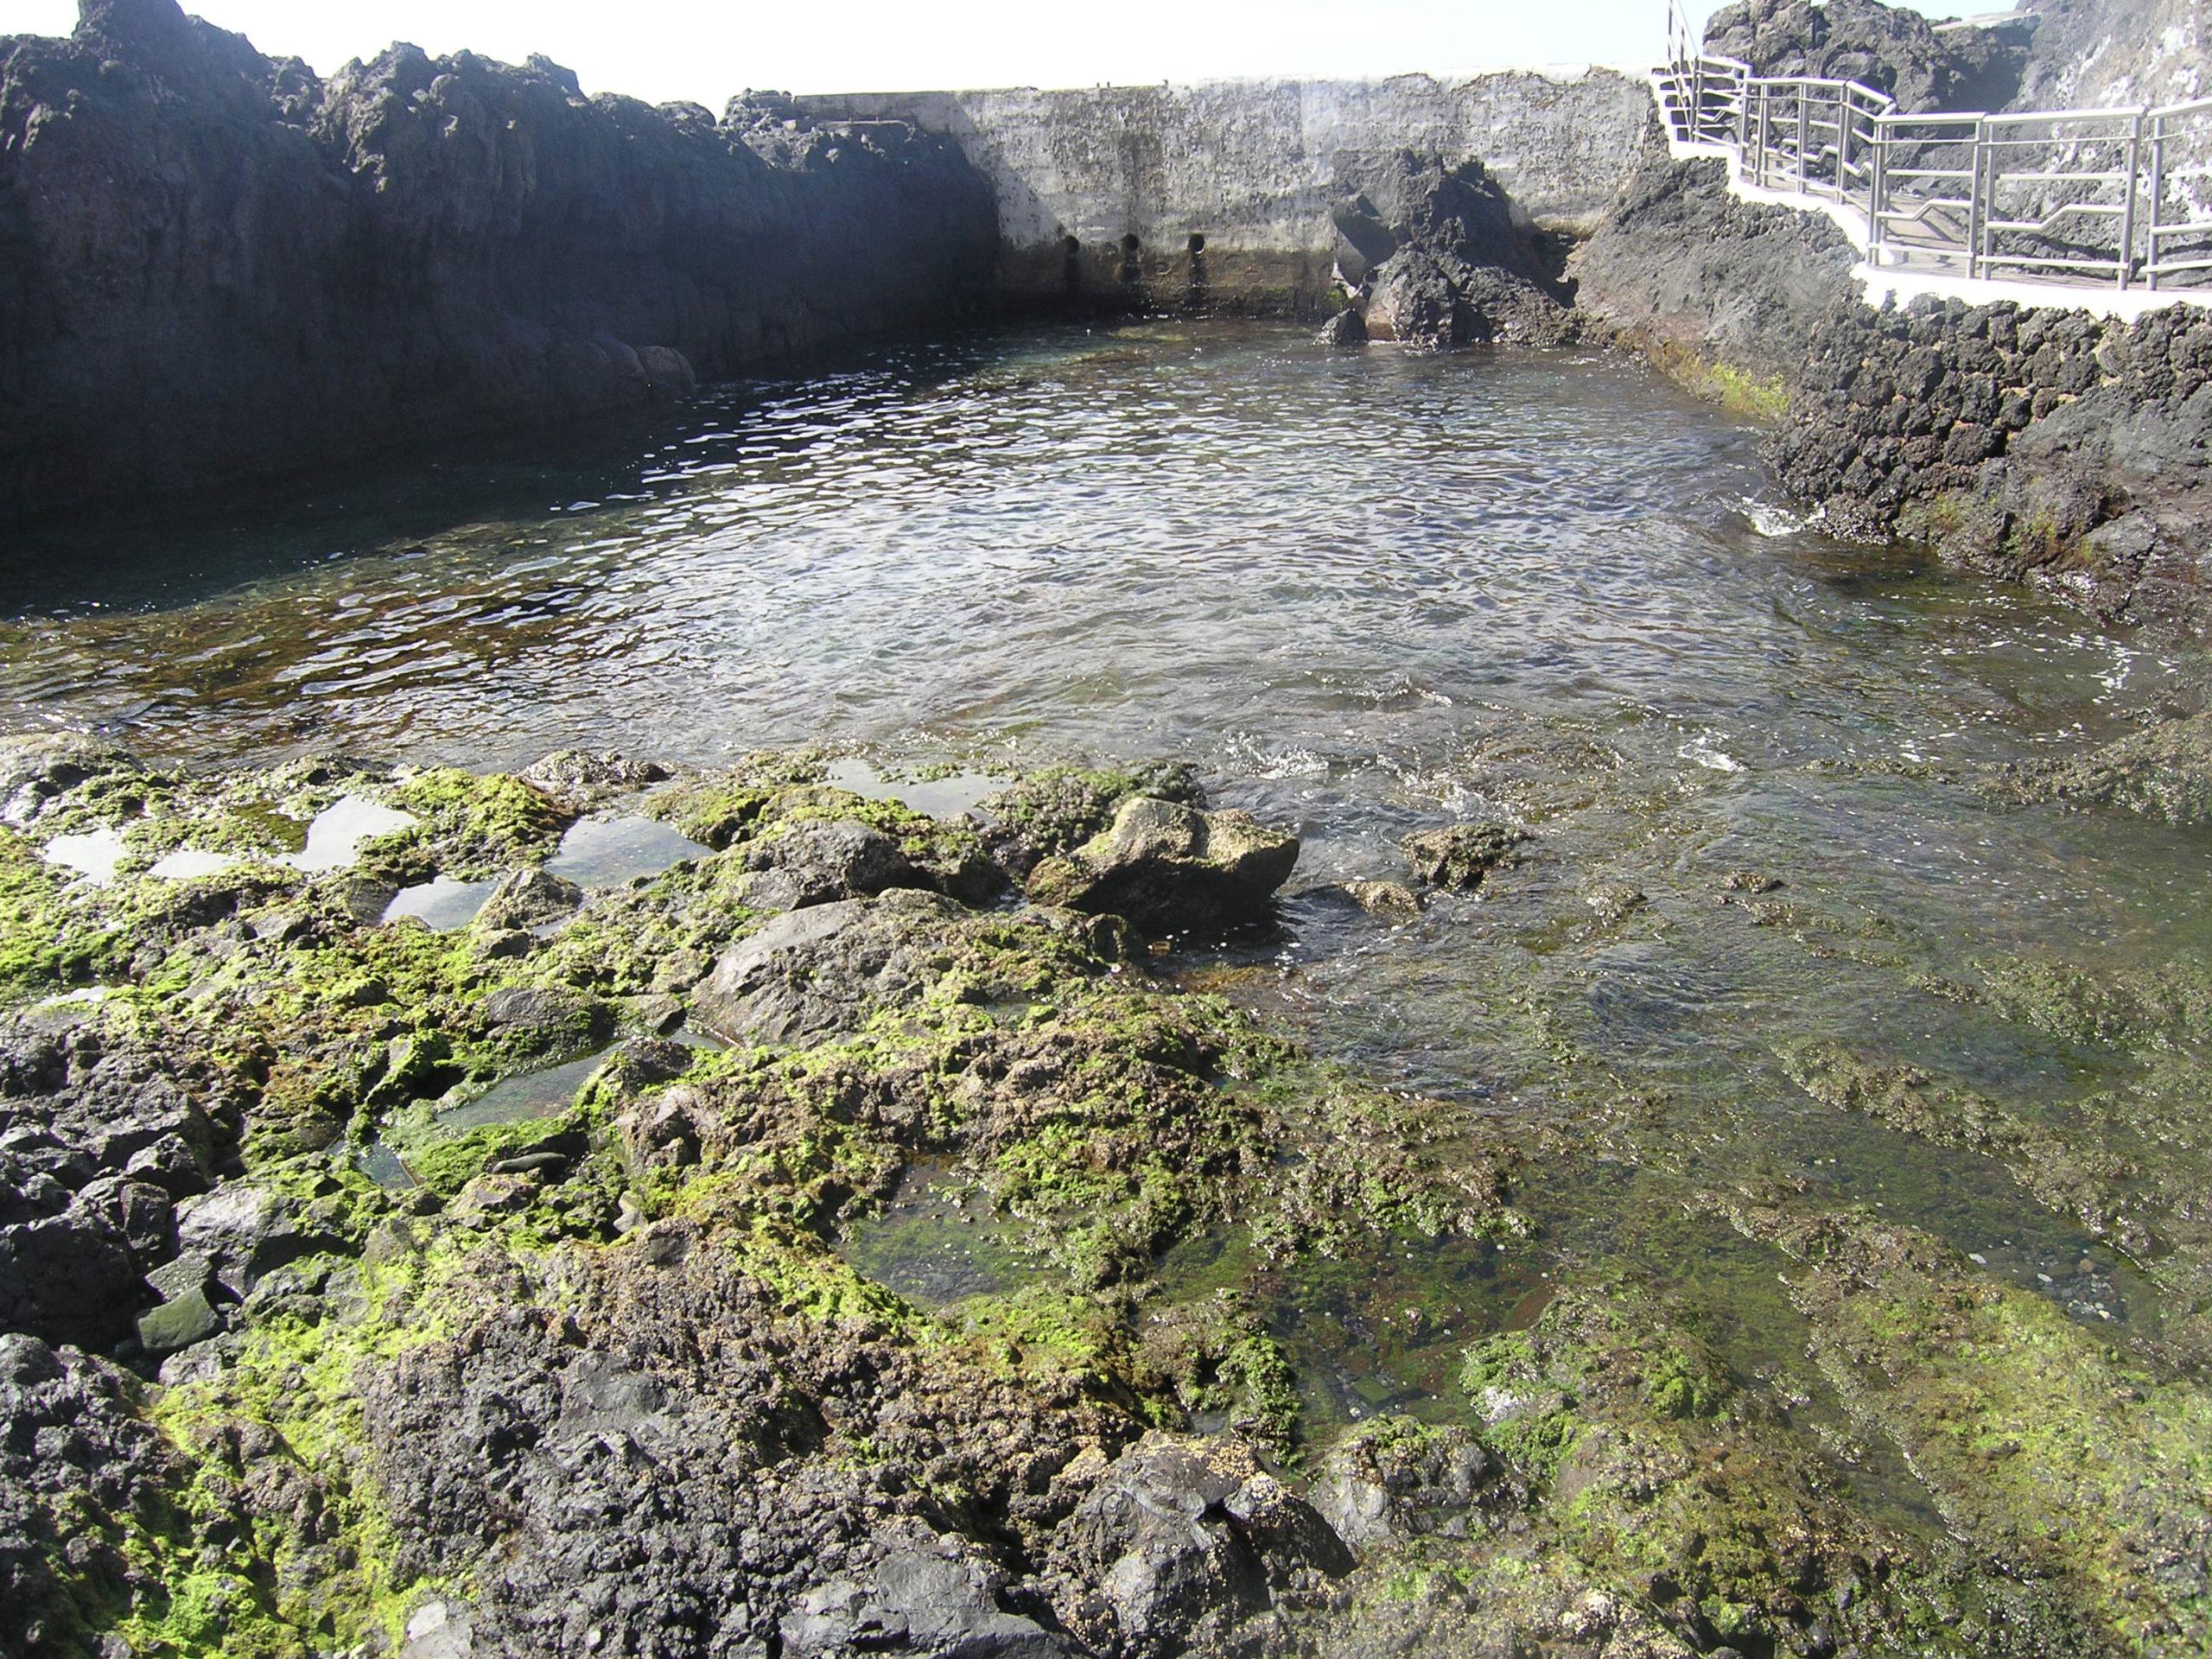 Zbiornik wodny wśród skał